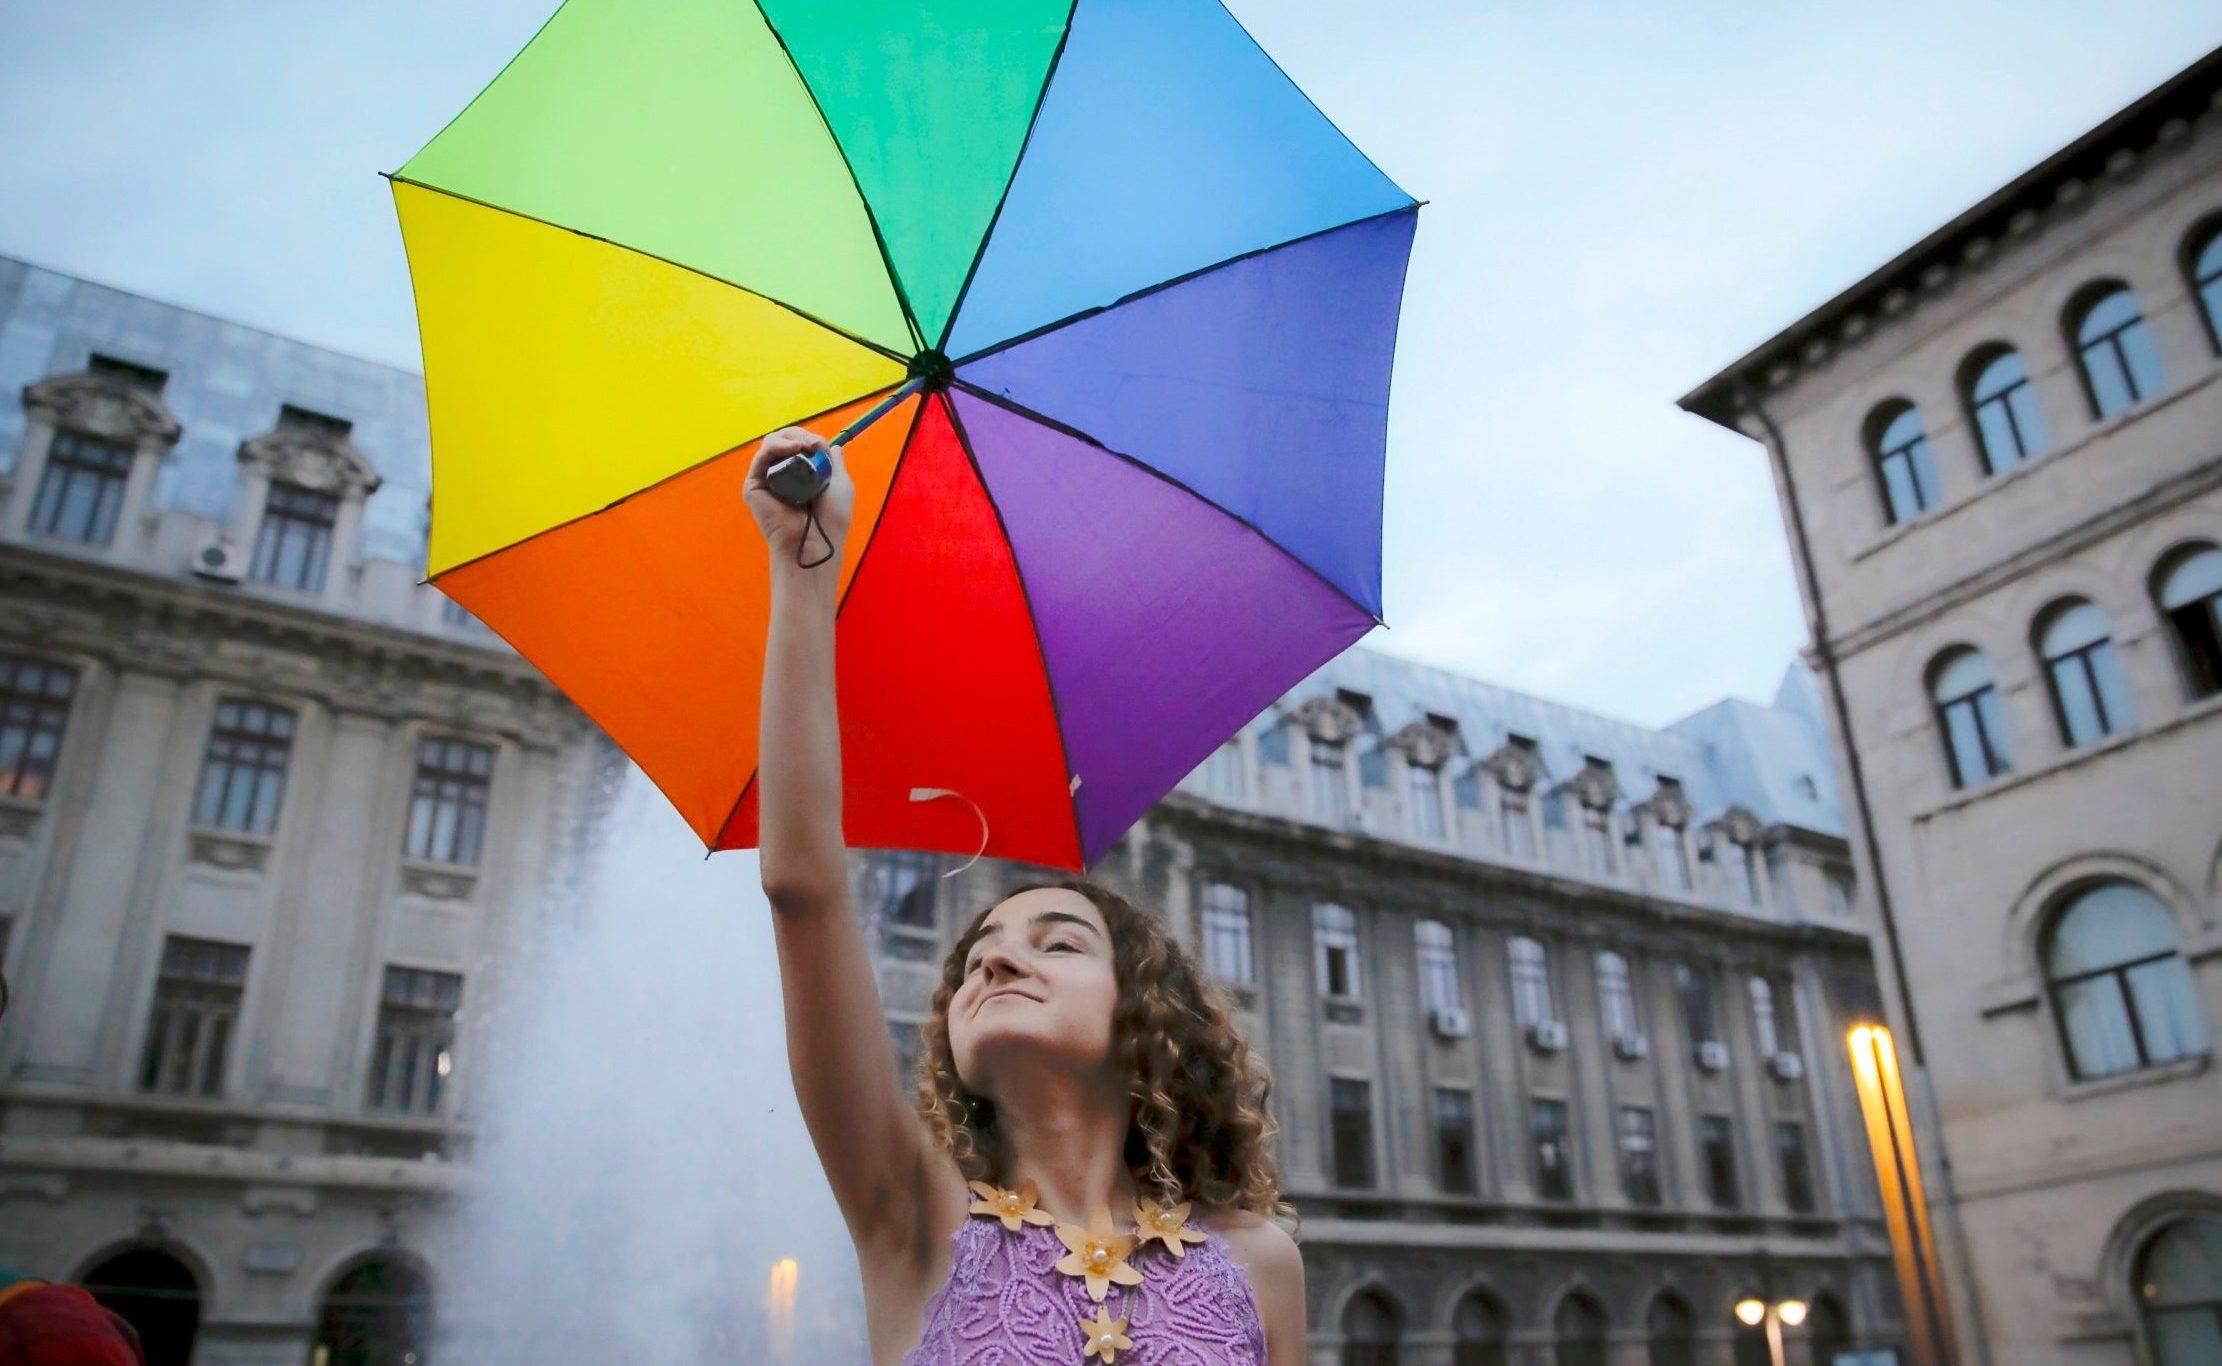 Romanya'da Eşcinsel Evlilik Karşıtları Hüsrana Uğradı